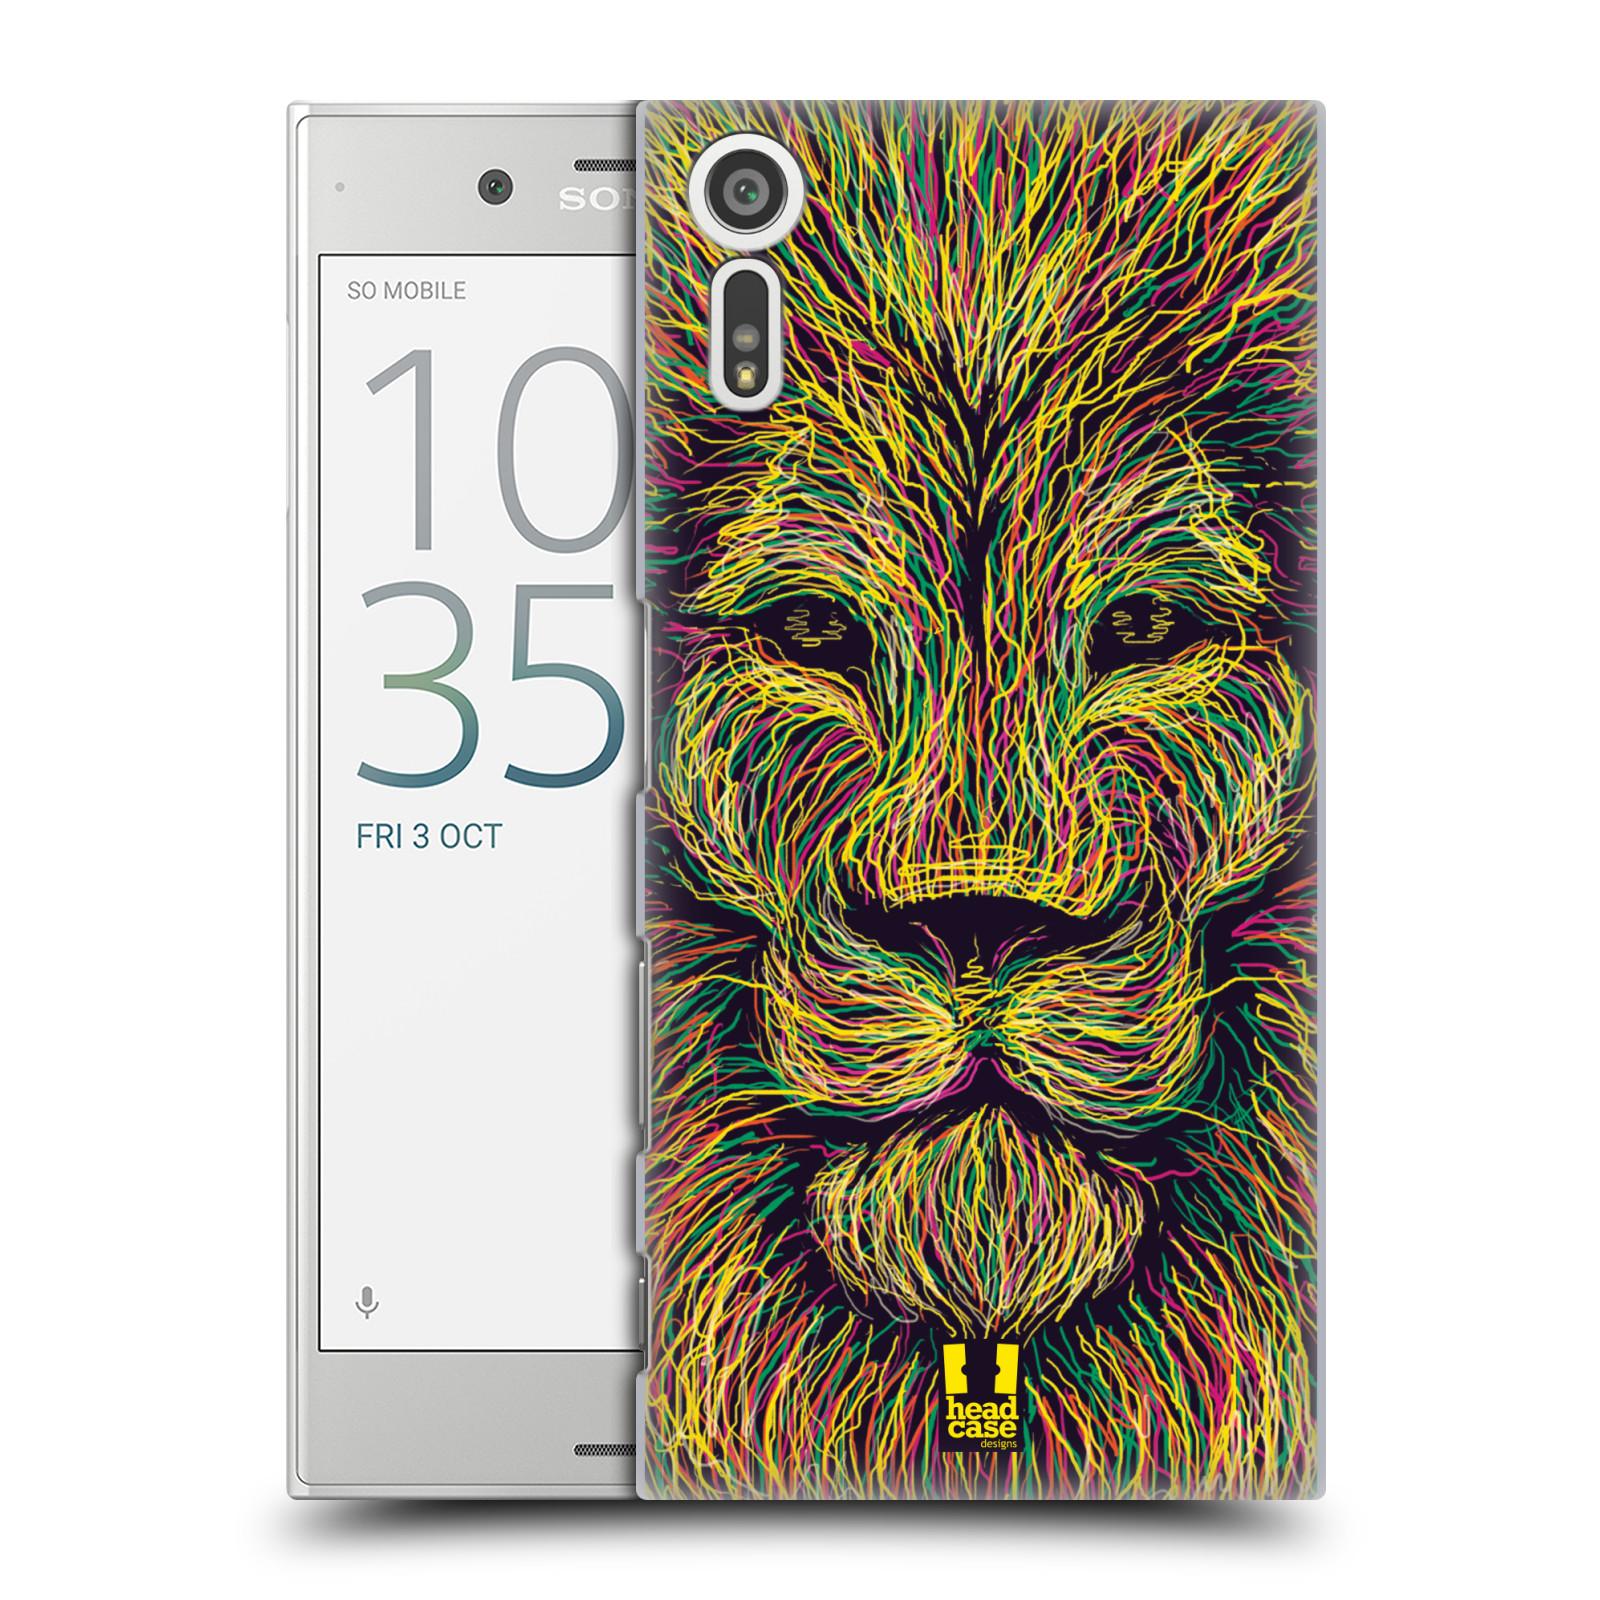 HEAD CASE plastový obal na mobil Sony Xperia XZ vzor zvíře čmáranice lev